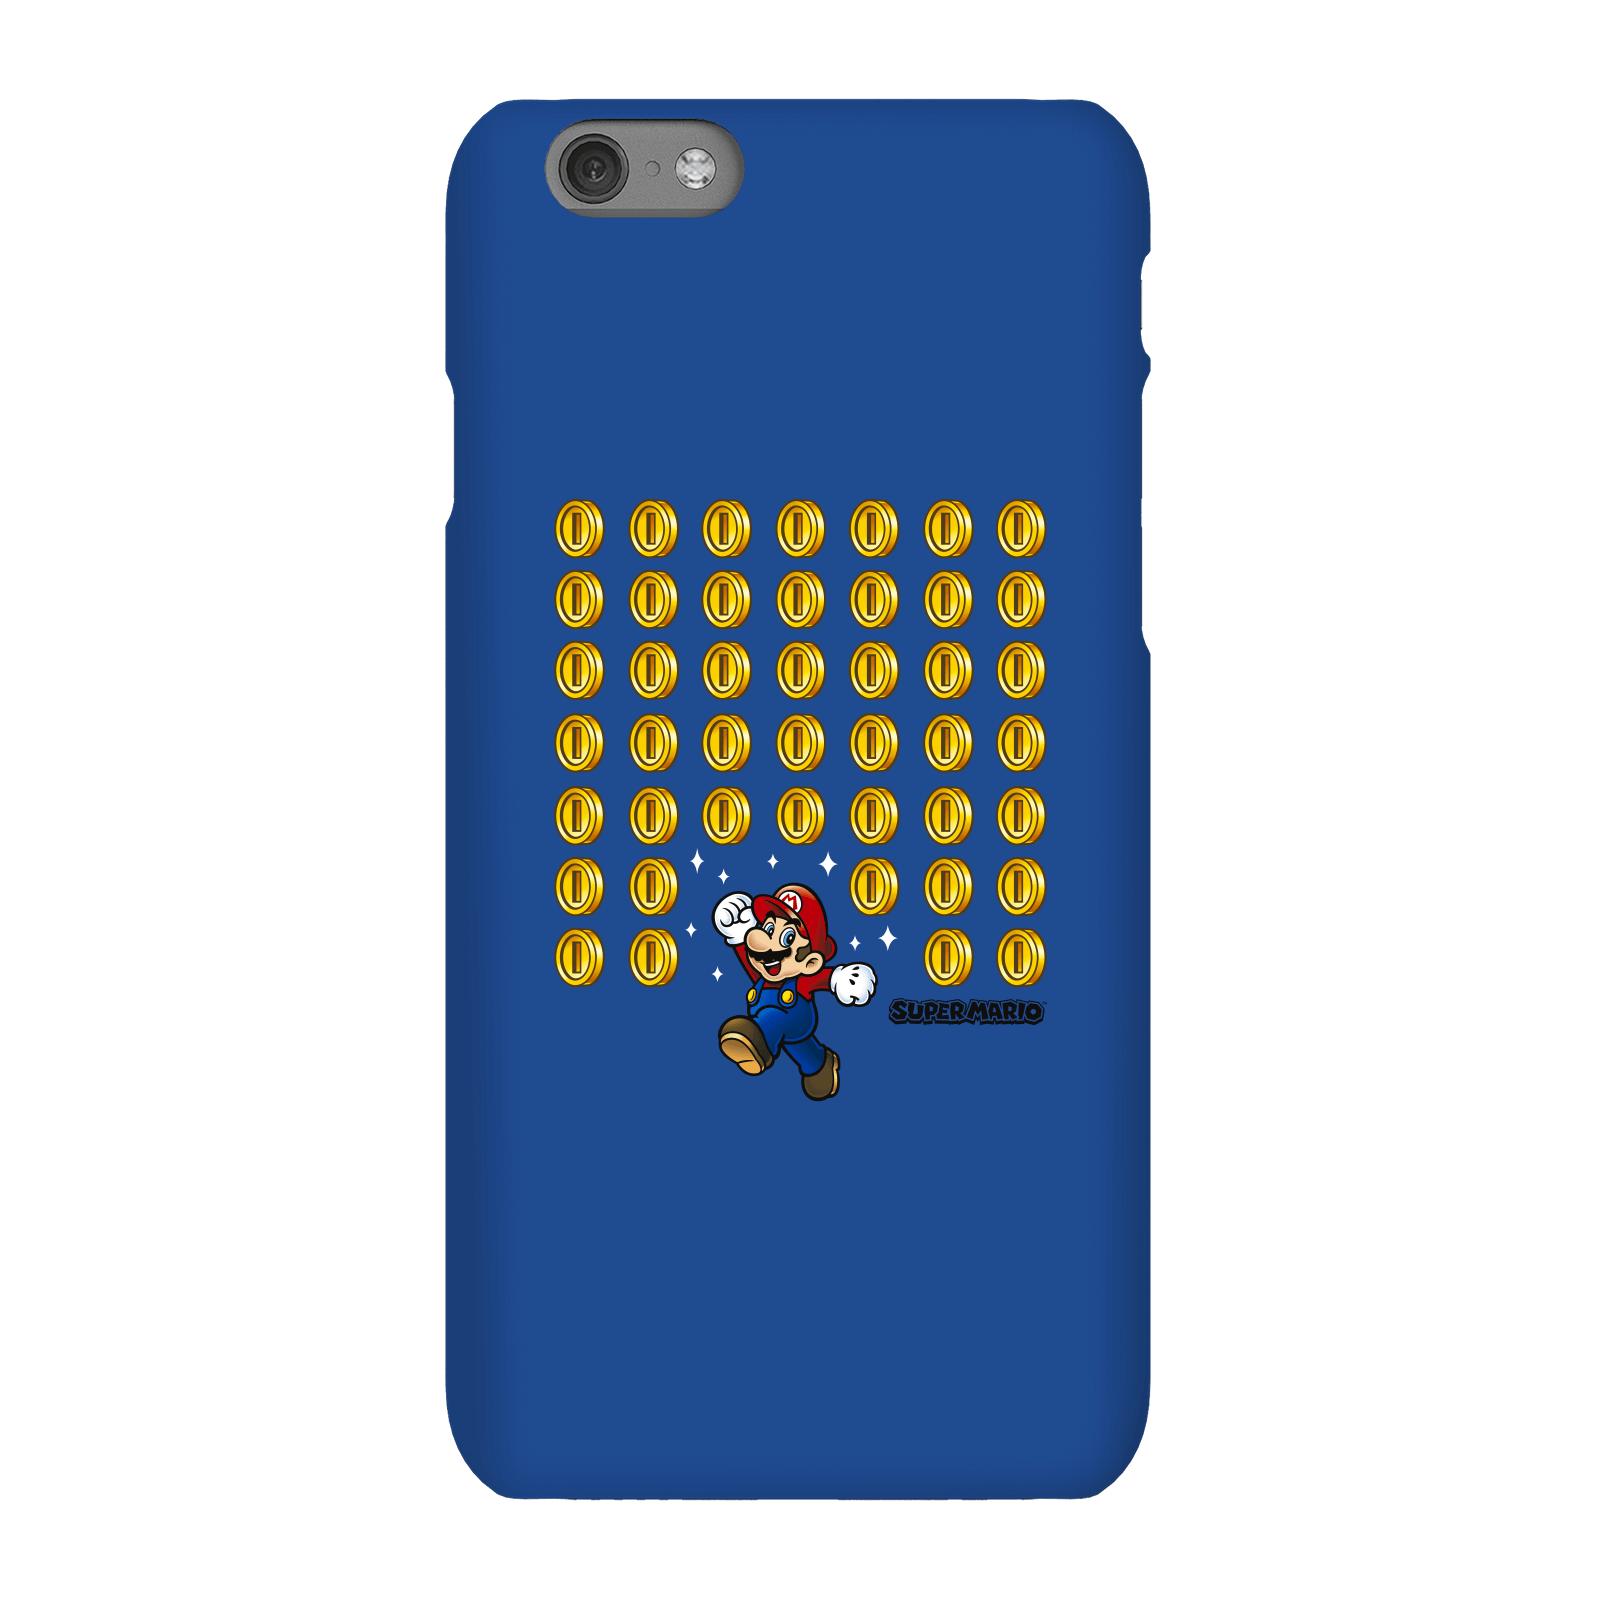 Nintendo Super Mario Coin Drop Phone Case - iPhone 6S - Snap Case - Gloss